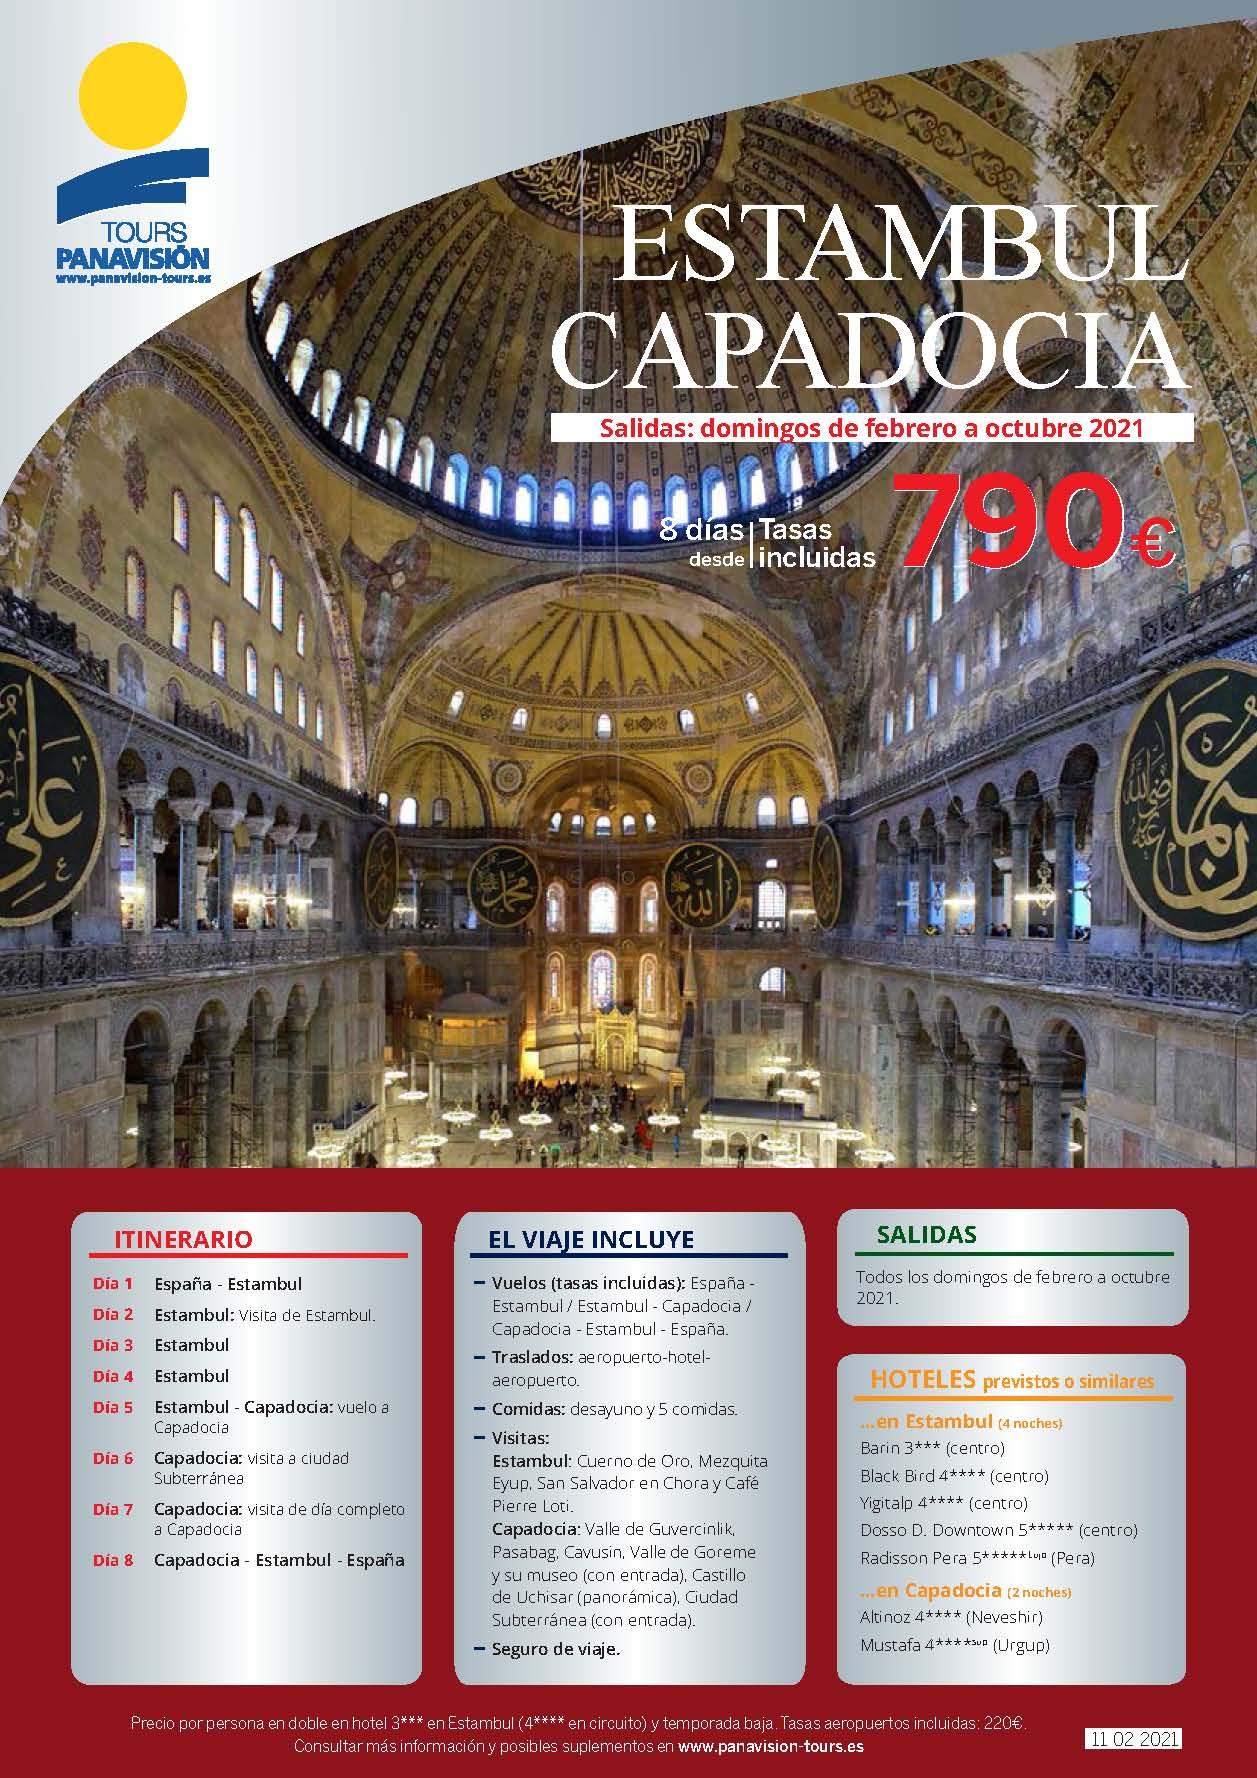 Oferta Panavision Tours Estambul y Capadocia en avion Febrero a Octubre 2021